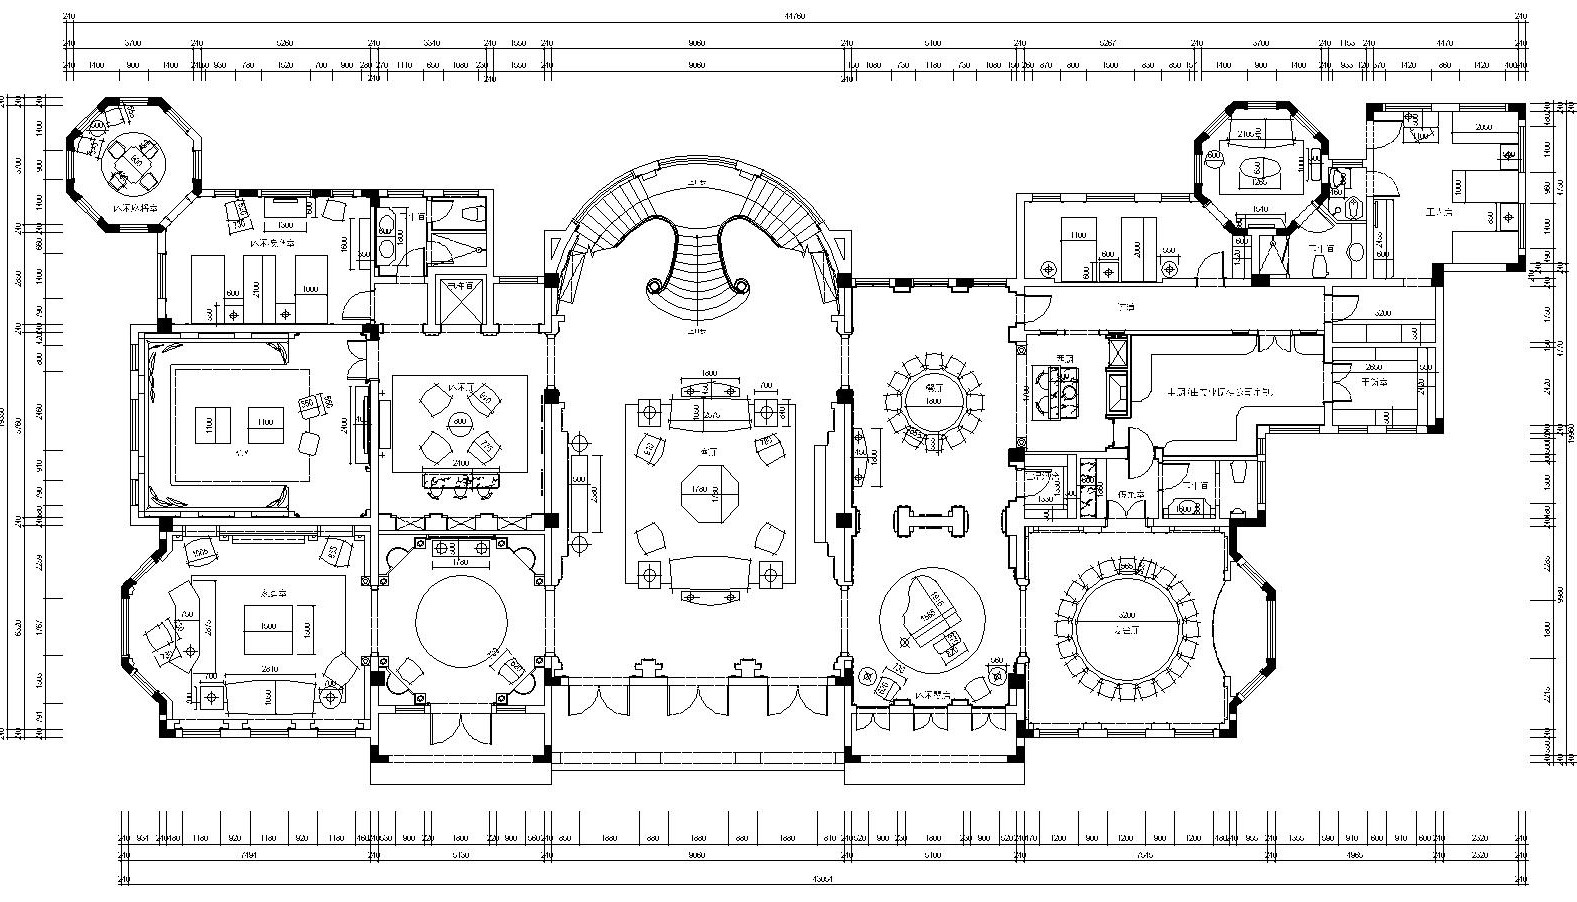 综合布线解释图纸及说明设计图纸机械符号图片